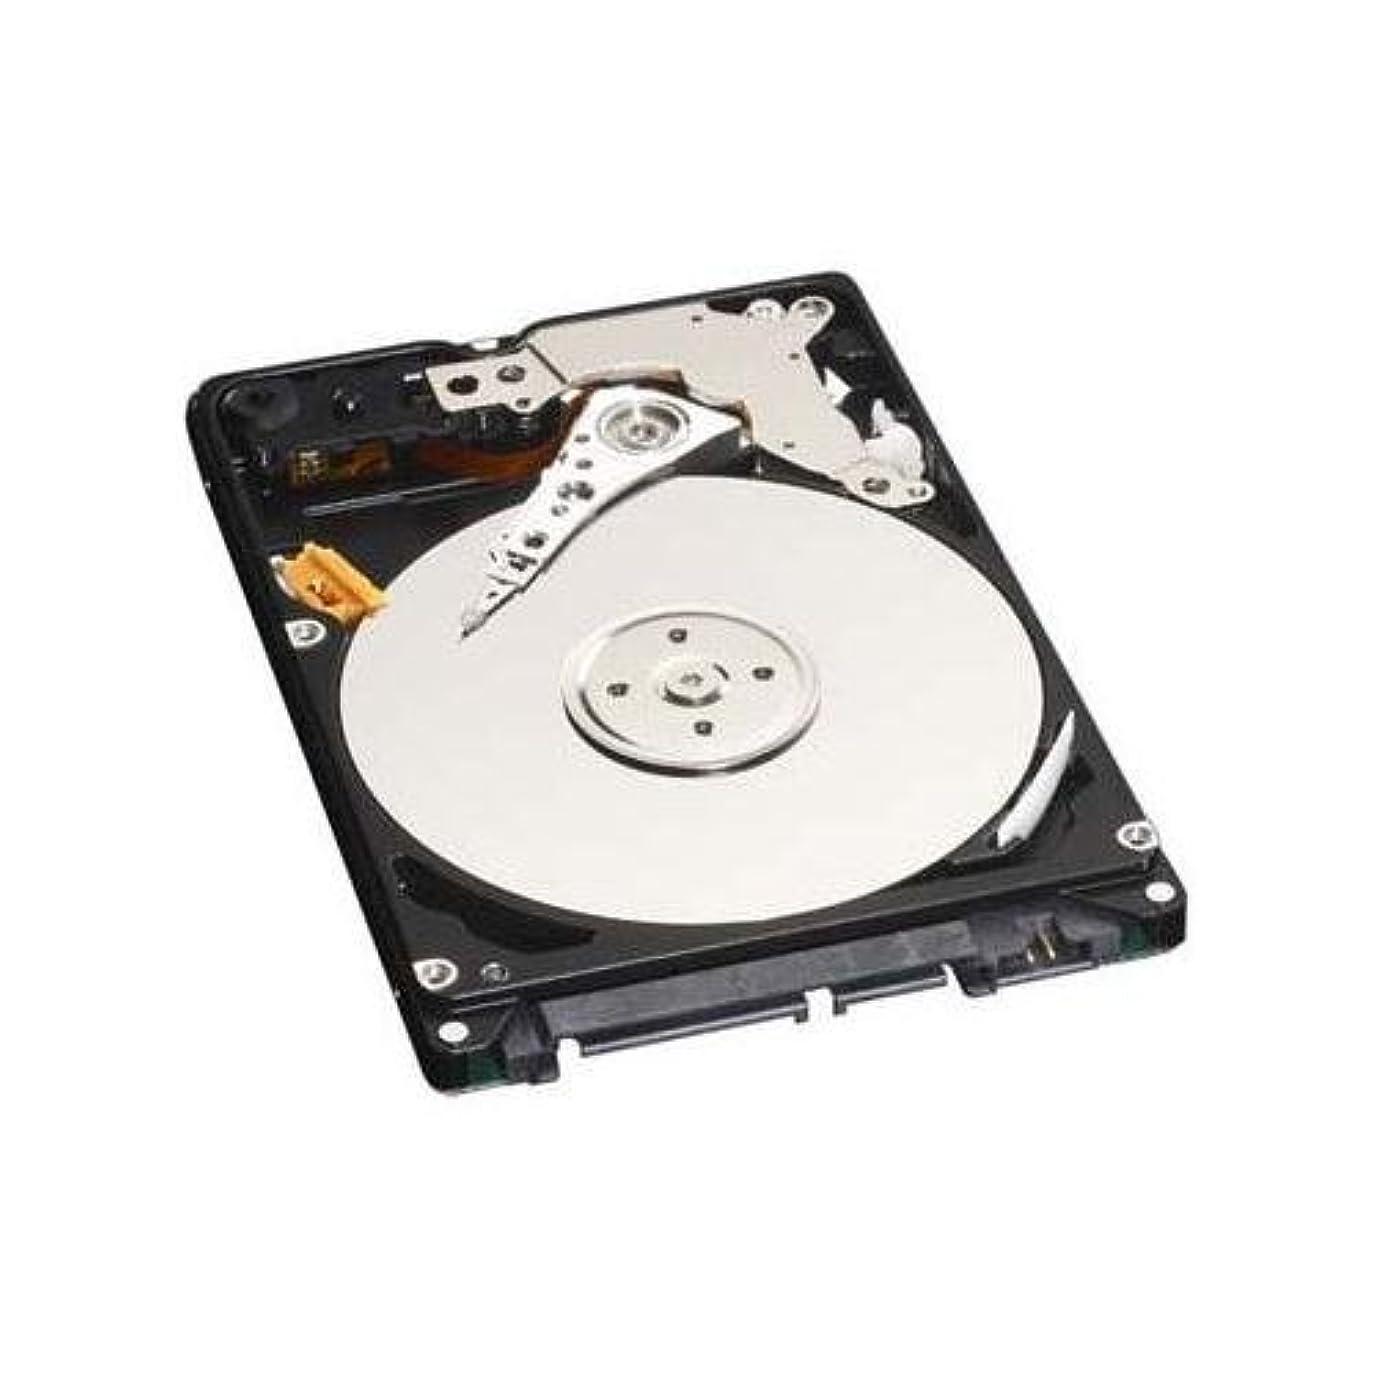 意志に反するほんのロードハウス1tbシリアルATA (SATA)ハードドライブアップグレードfor Dell Latitude e6500、e6400、e6400?Nノートパソコン